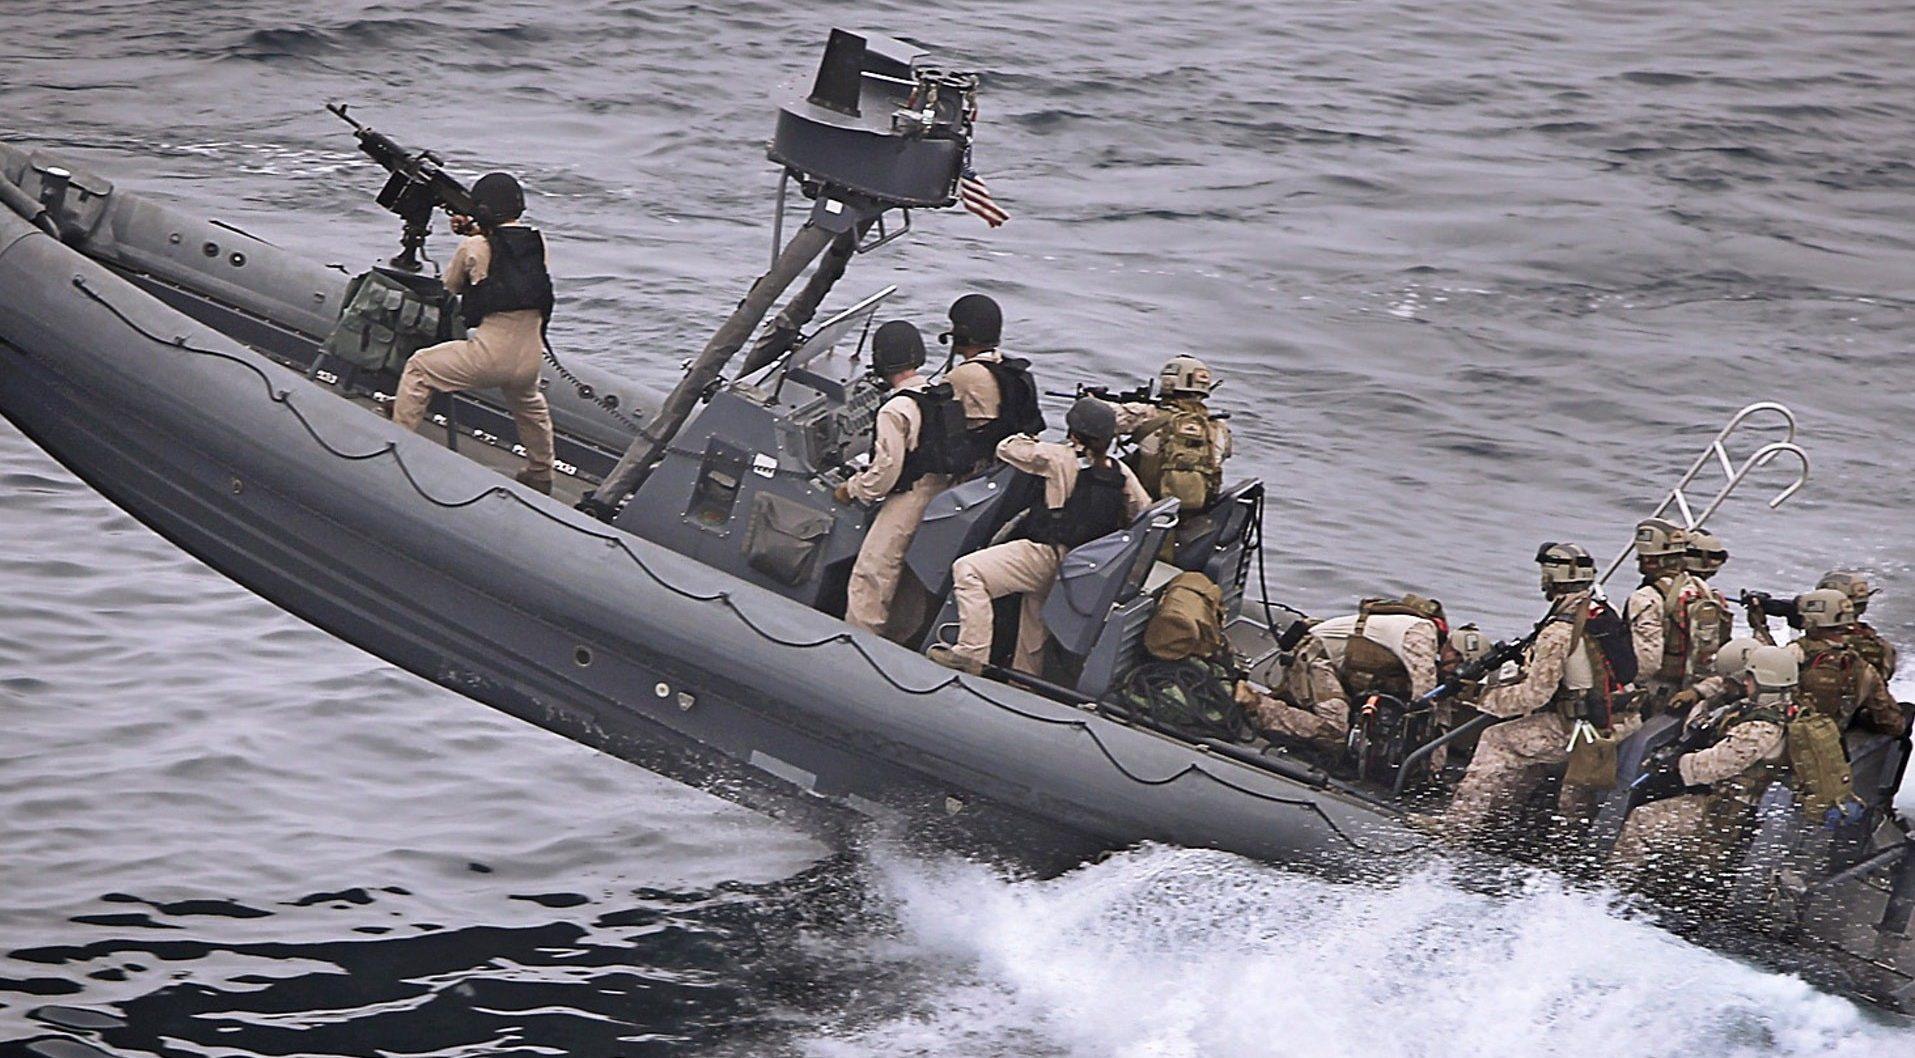 żołnierze płynący na łodzi bojowej